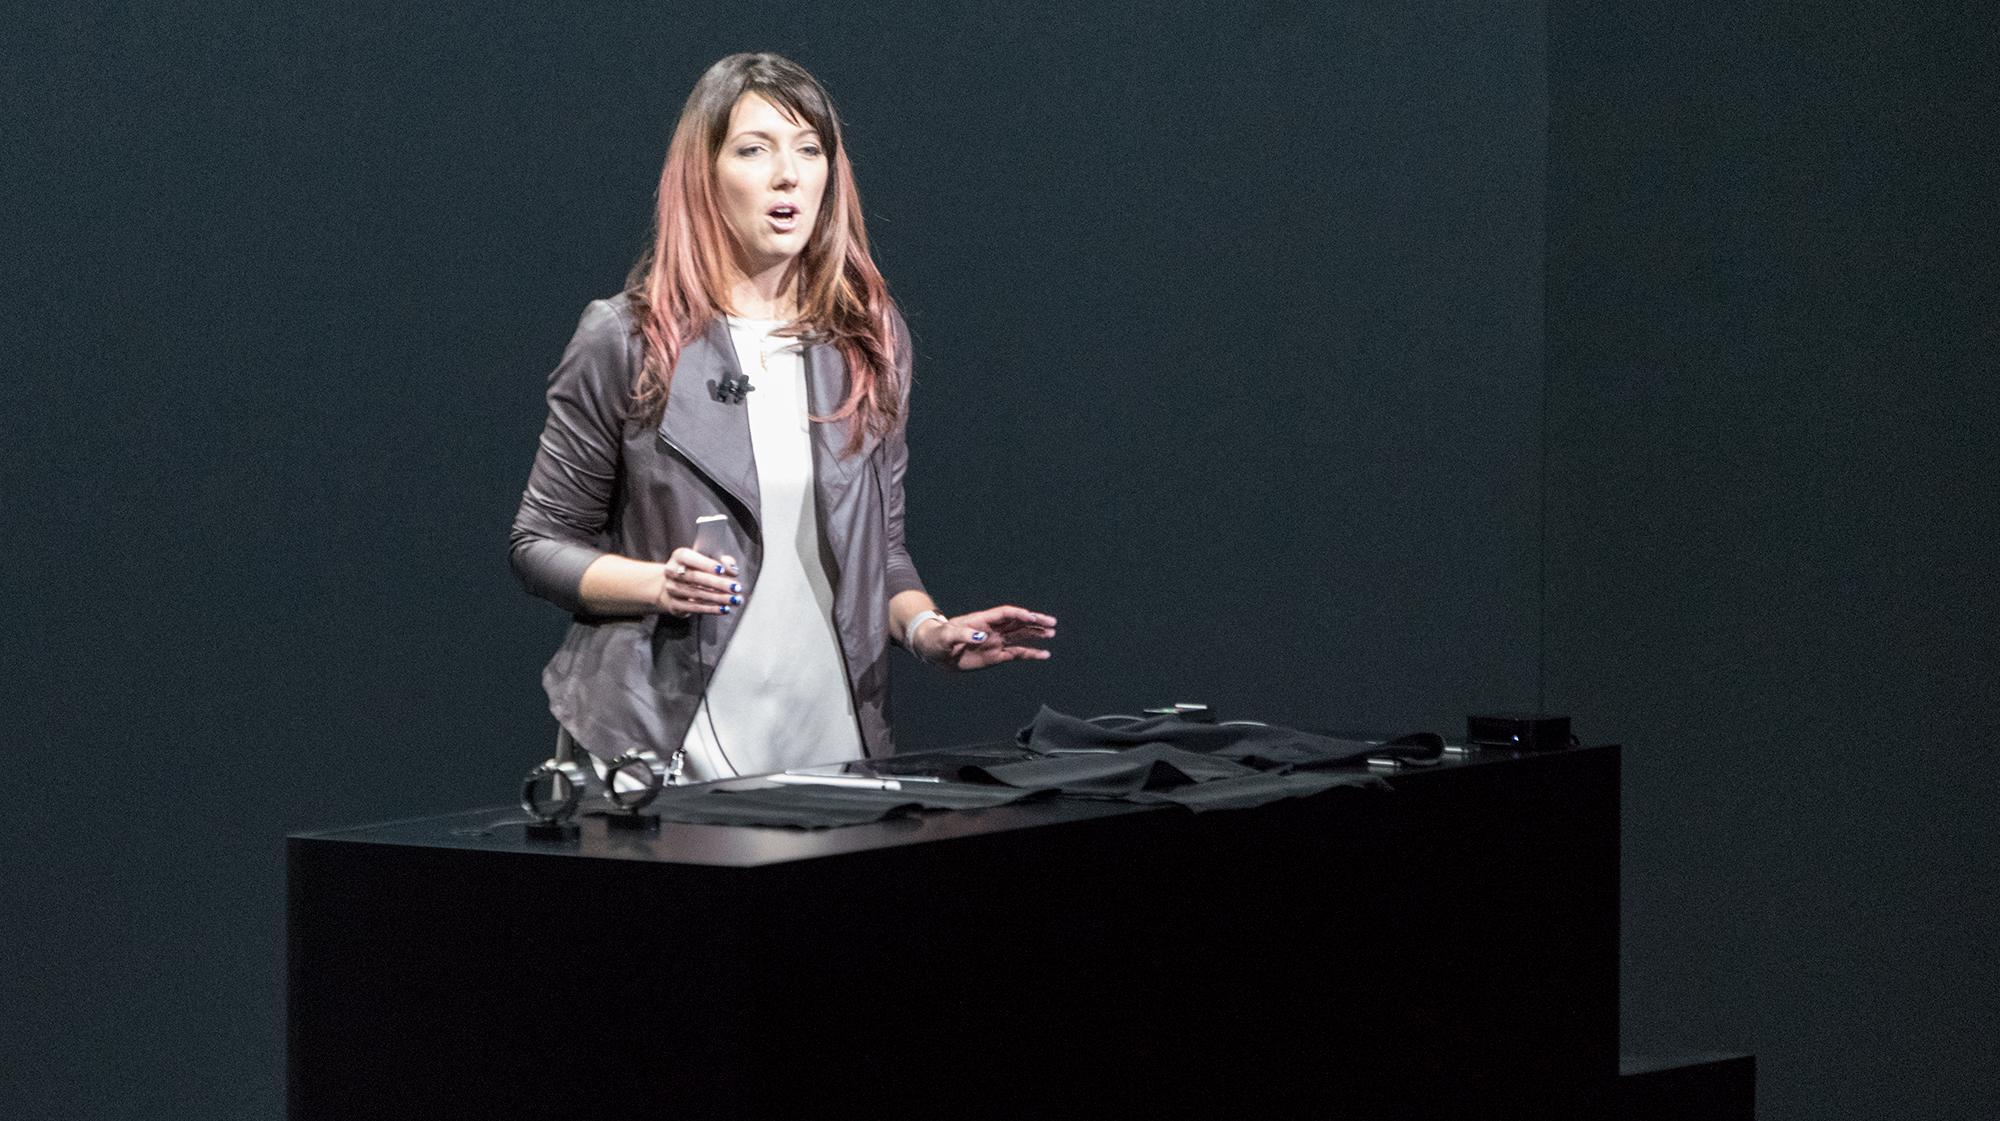 Nei, dette er ikke Siri, men en dame som demonstrerte Apple TV under lanseringen i San Francisco i kveld.. Foto: Finn Jarle Kvalheim, Tek.no